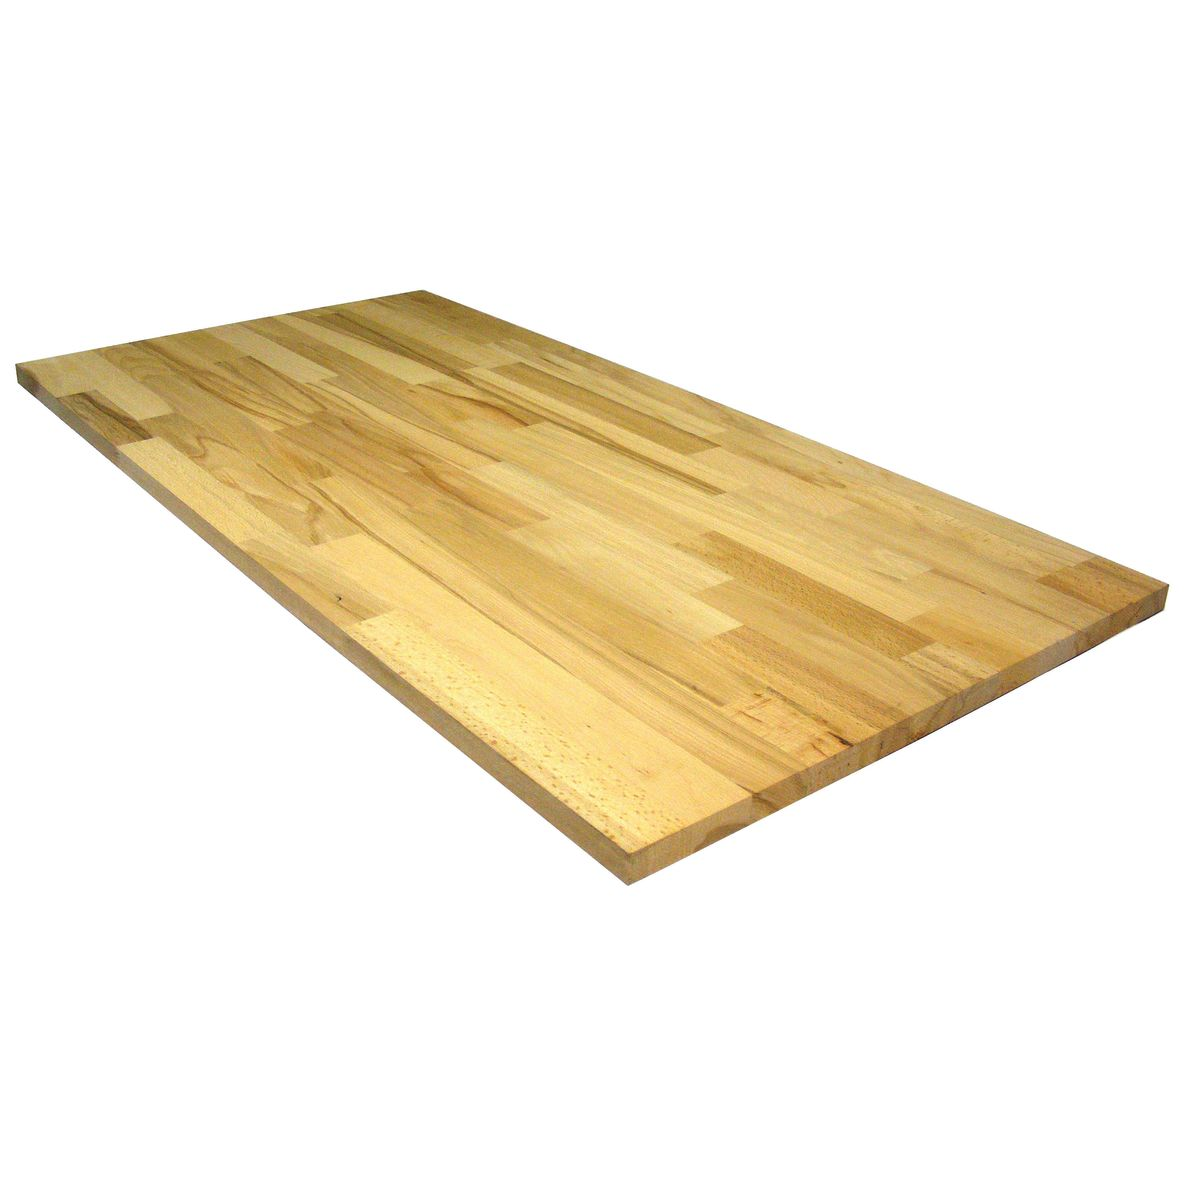 Tavole in legno lamellare: prezzi, offerte e vendita legno on line 3